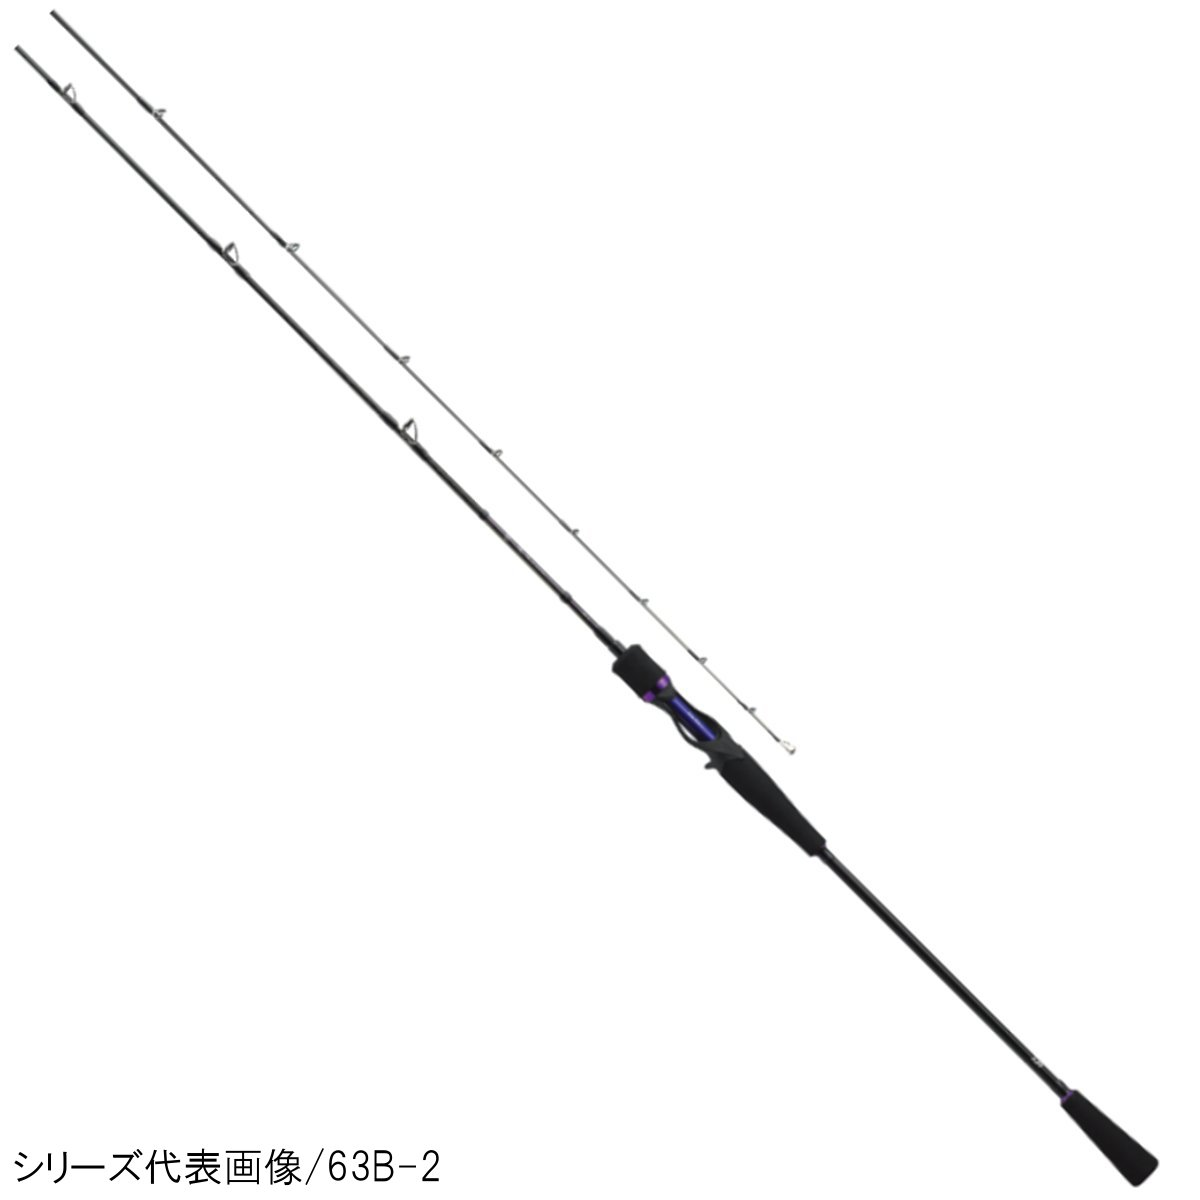 ダイワ 鏡牙 63B-1.5 (東日本店)